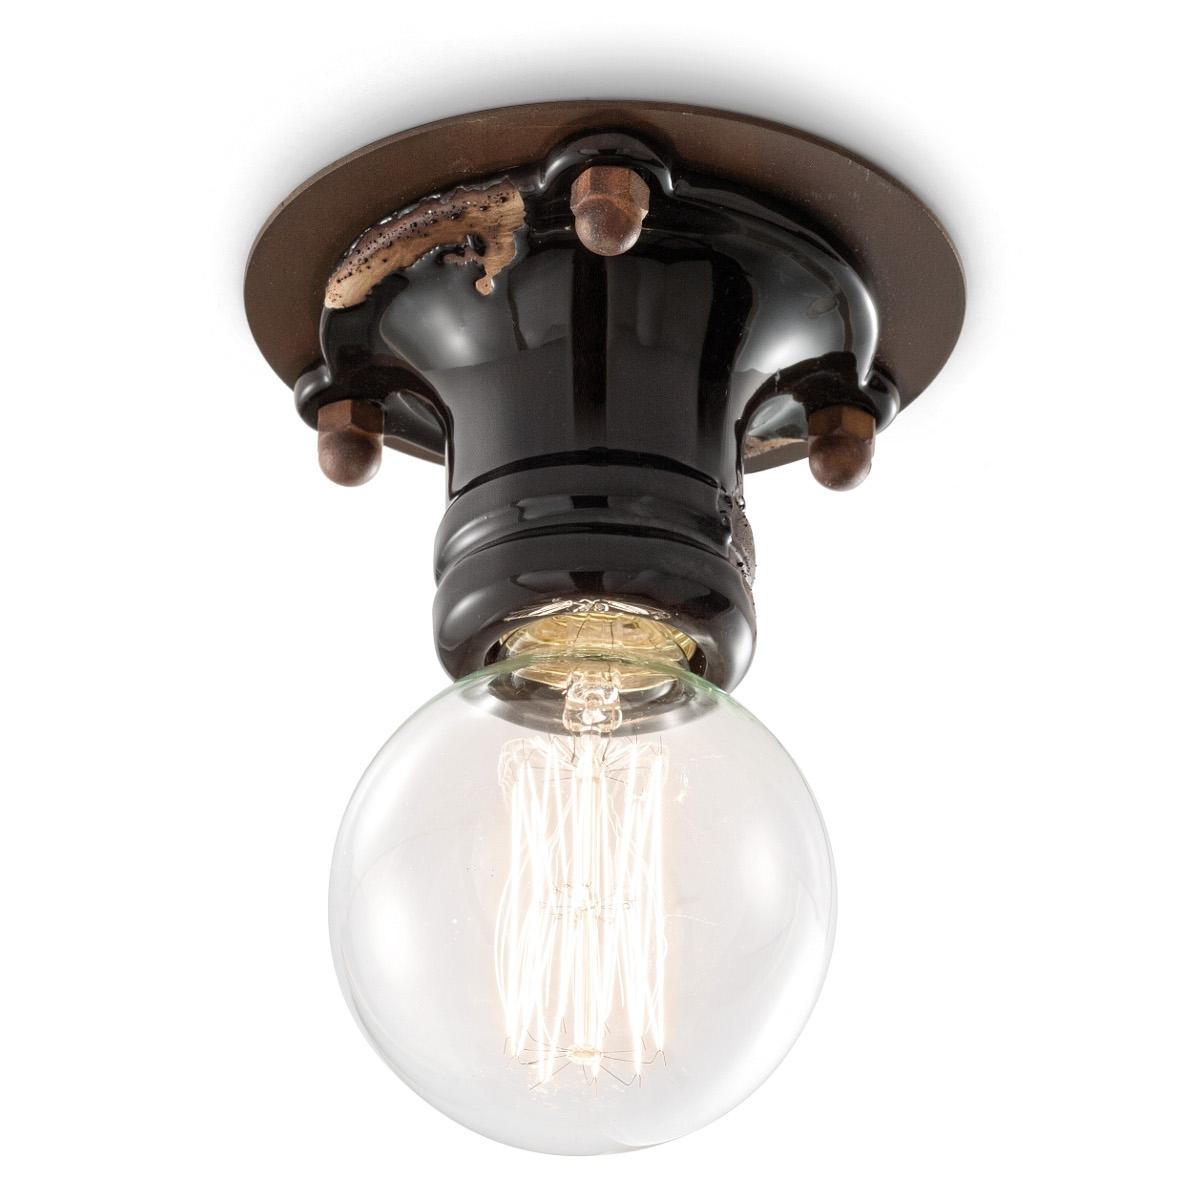 Plafonnier ampoule en ceramique colore 5 Luxe Plafonnier Ampoule Uqw1